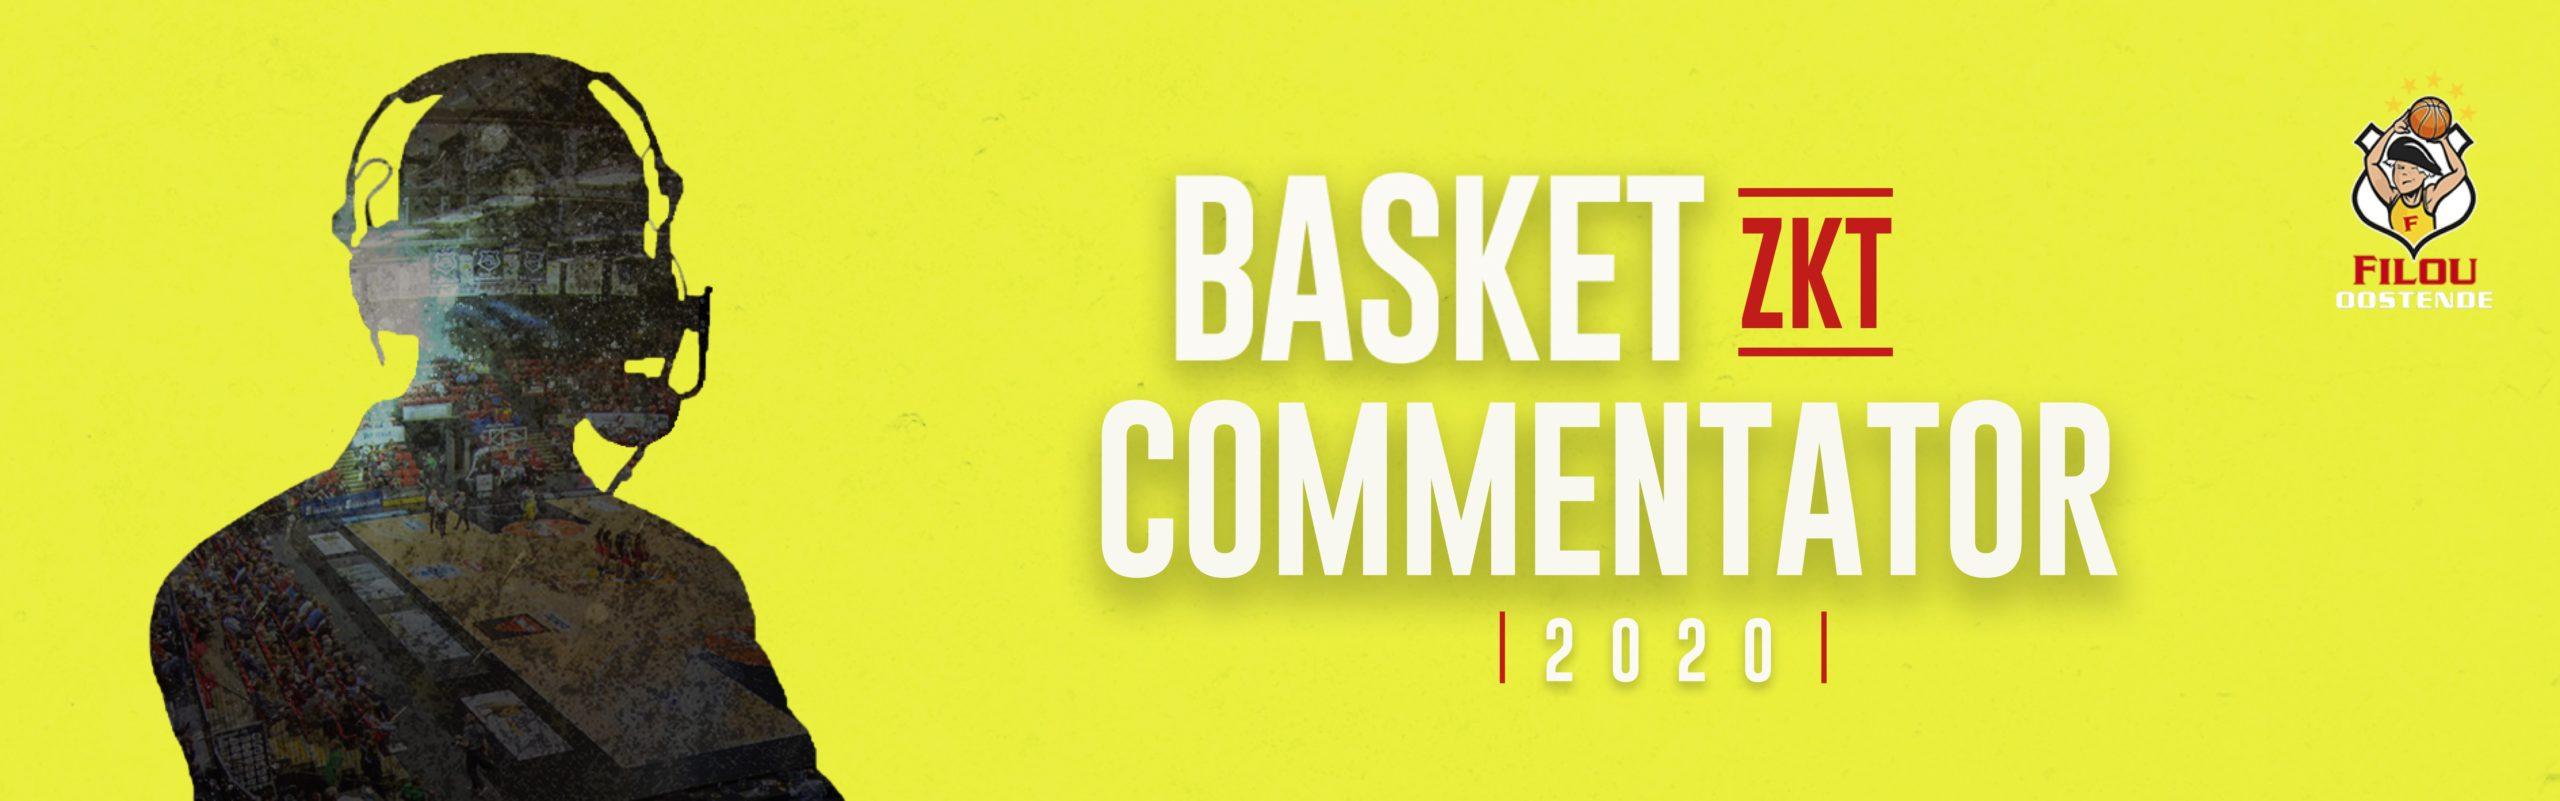 Basket Zoekt Commentator Banner